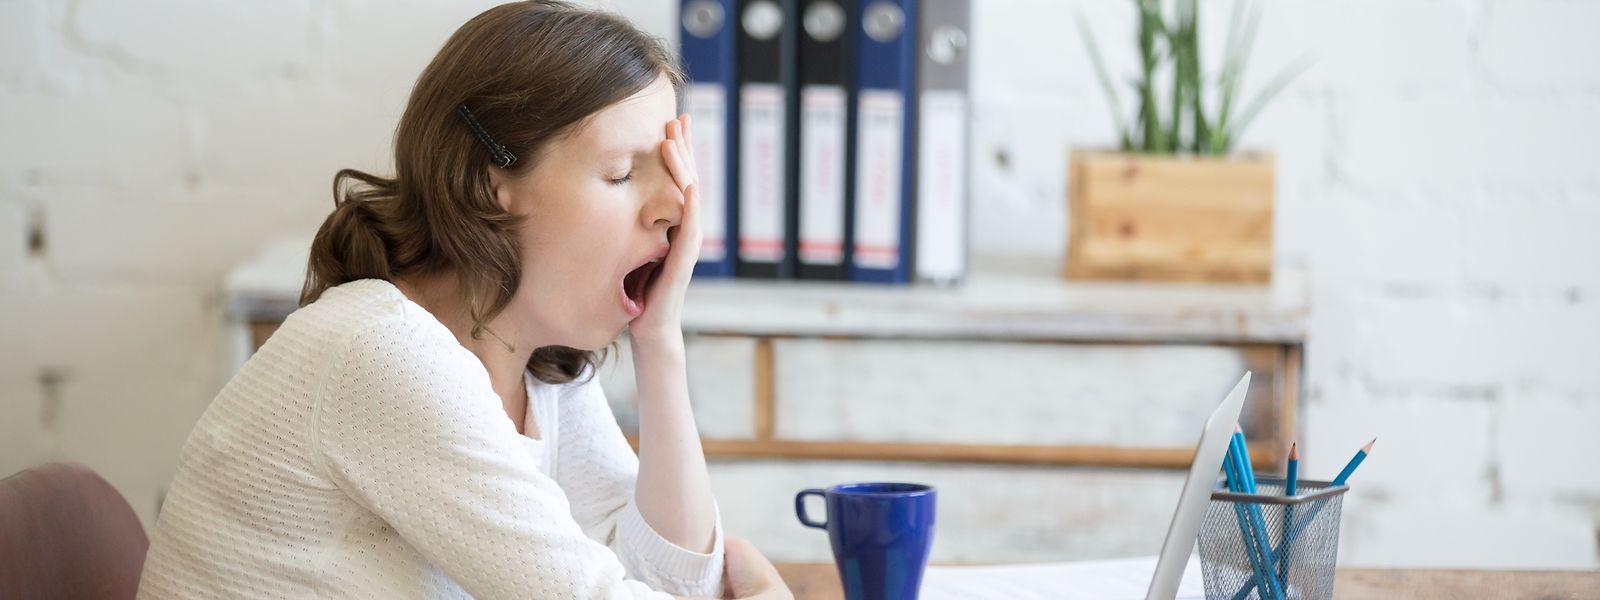 Le confinement forcé à la maison peut générer dépression, anxiété et irritabilité chez certaines personnes.